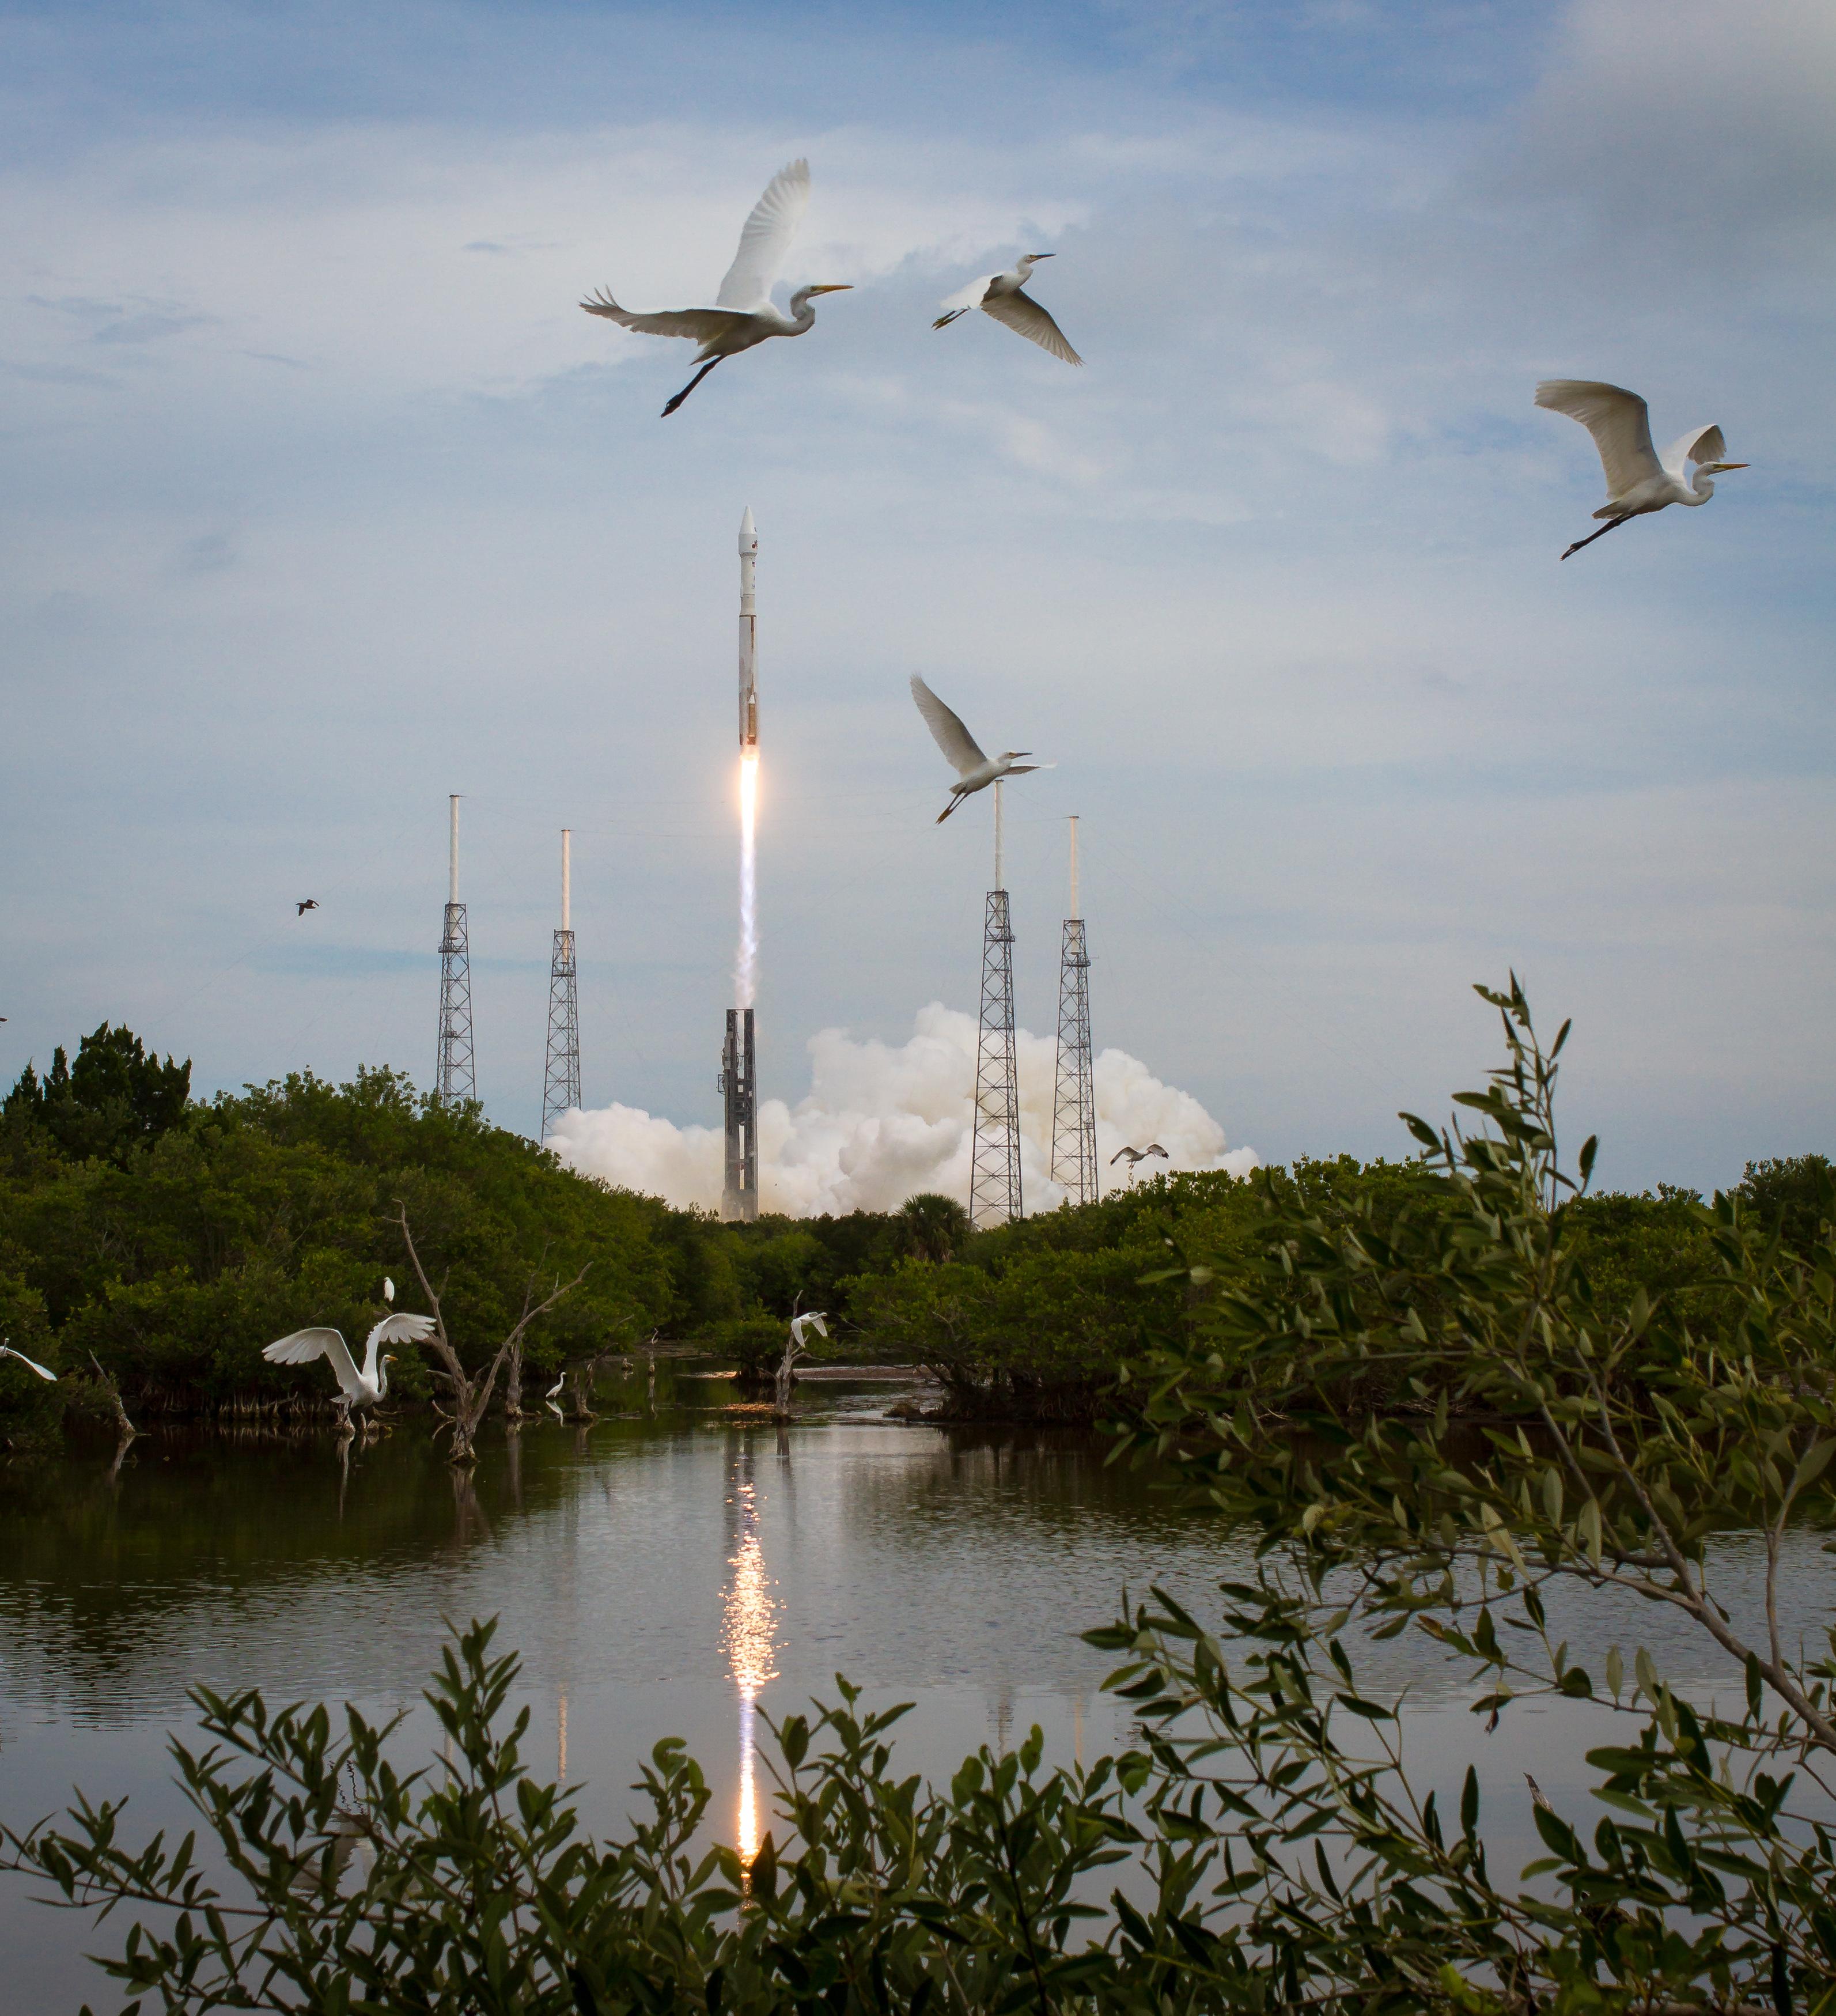 Taking Flight at Cape Canaveral | NASA